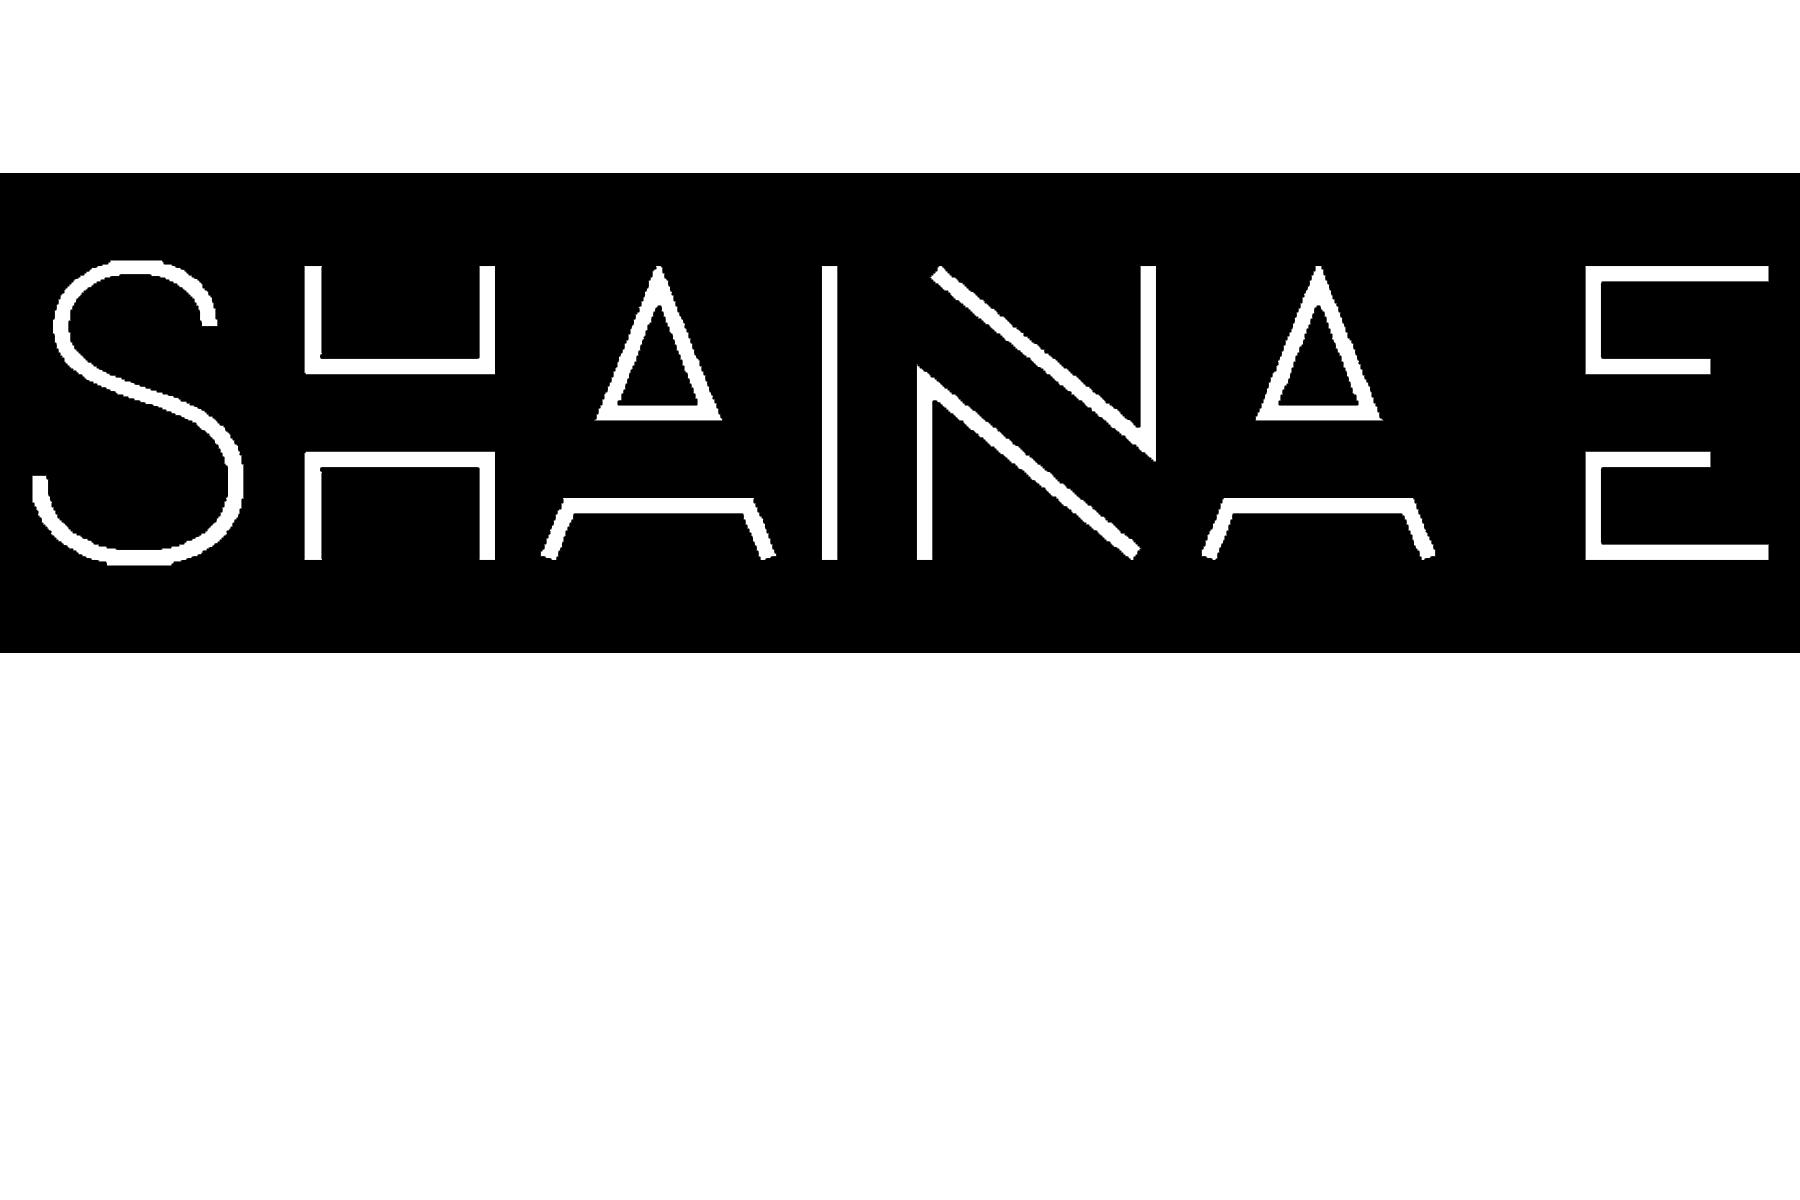 Shaina_E_7-15_v2